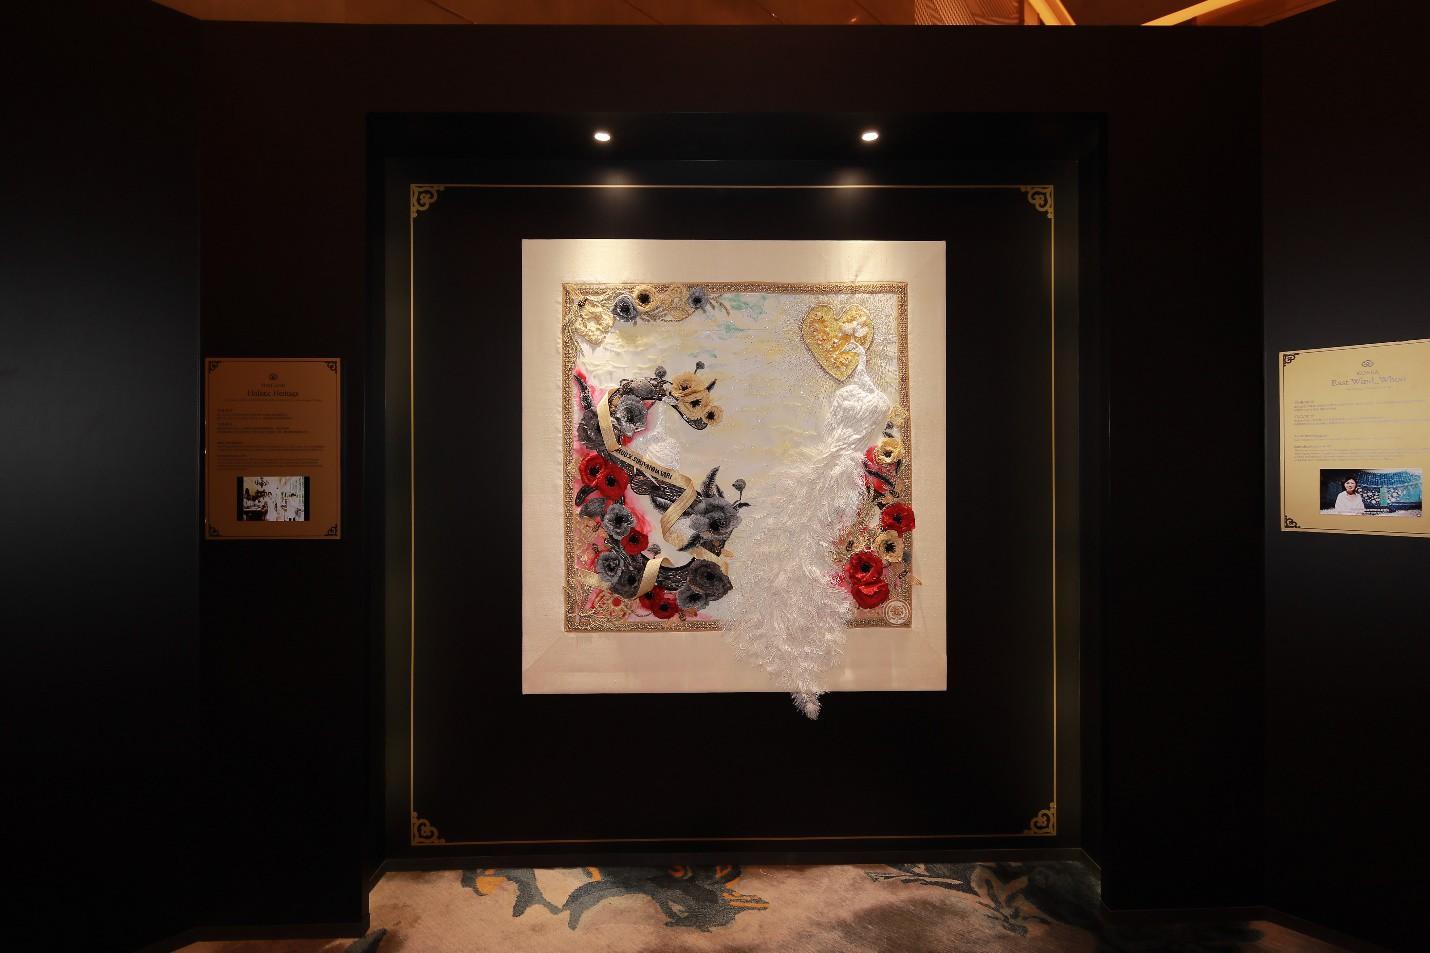 Choáng ngợp trước sự kiện toàn cầu lộng lẫy xa hoa của The history of Whoo tại Thượng Hải - Ảnh 5.